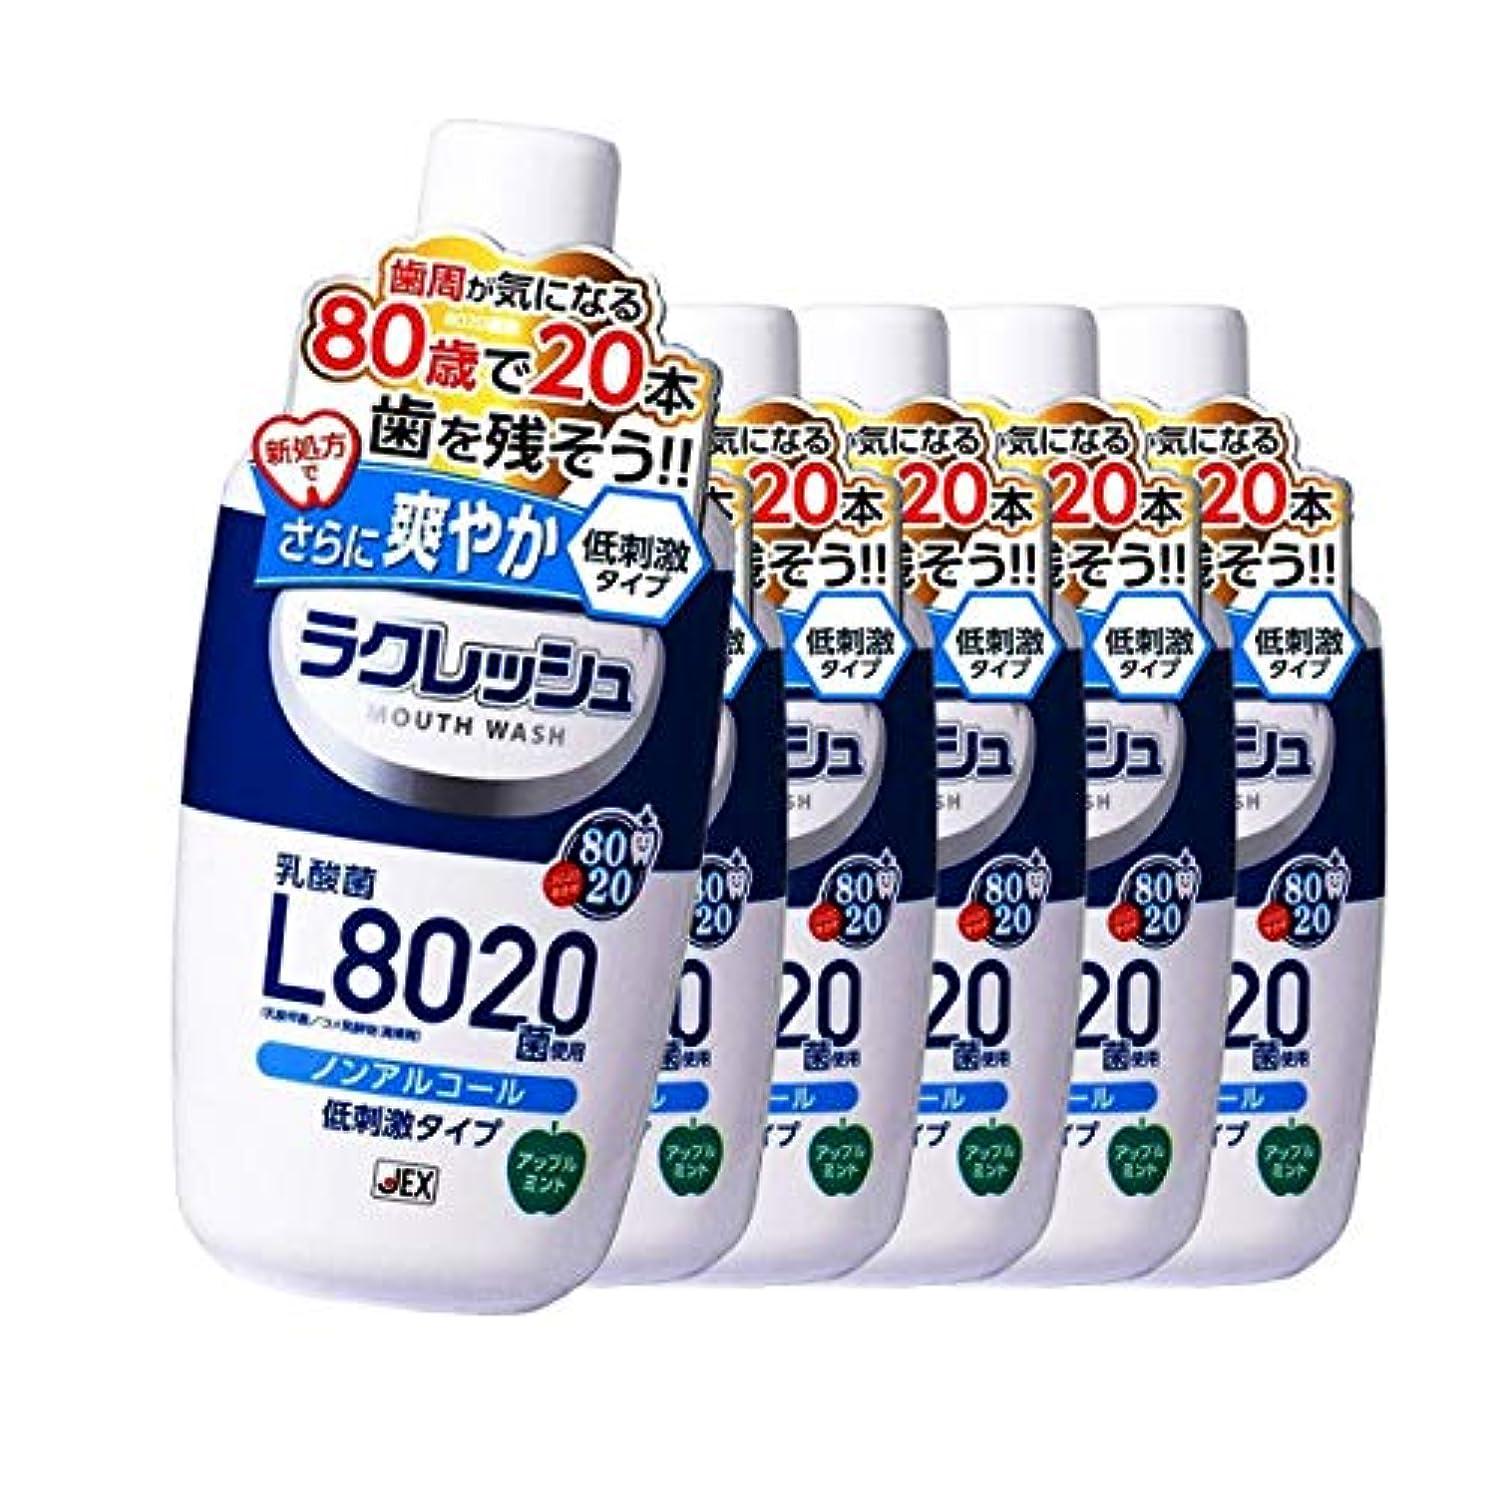 繊毛パスタ日【まとめ買い】ラクレッシュL8020菌マウスウォッシュ【×6個】